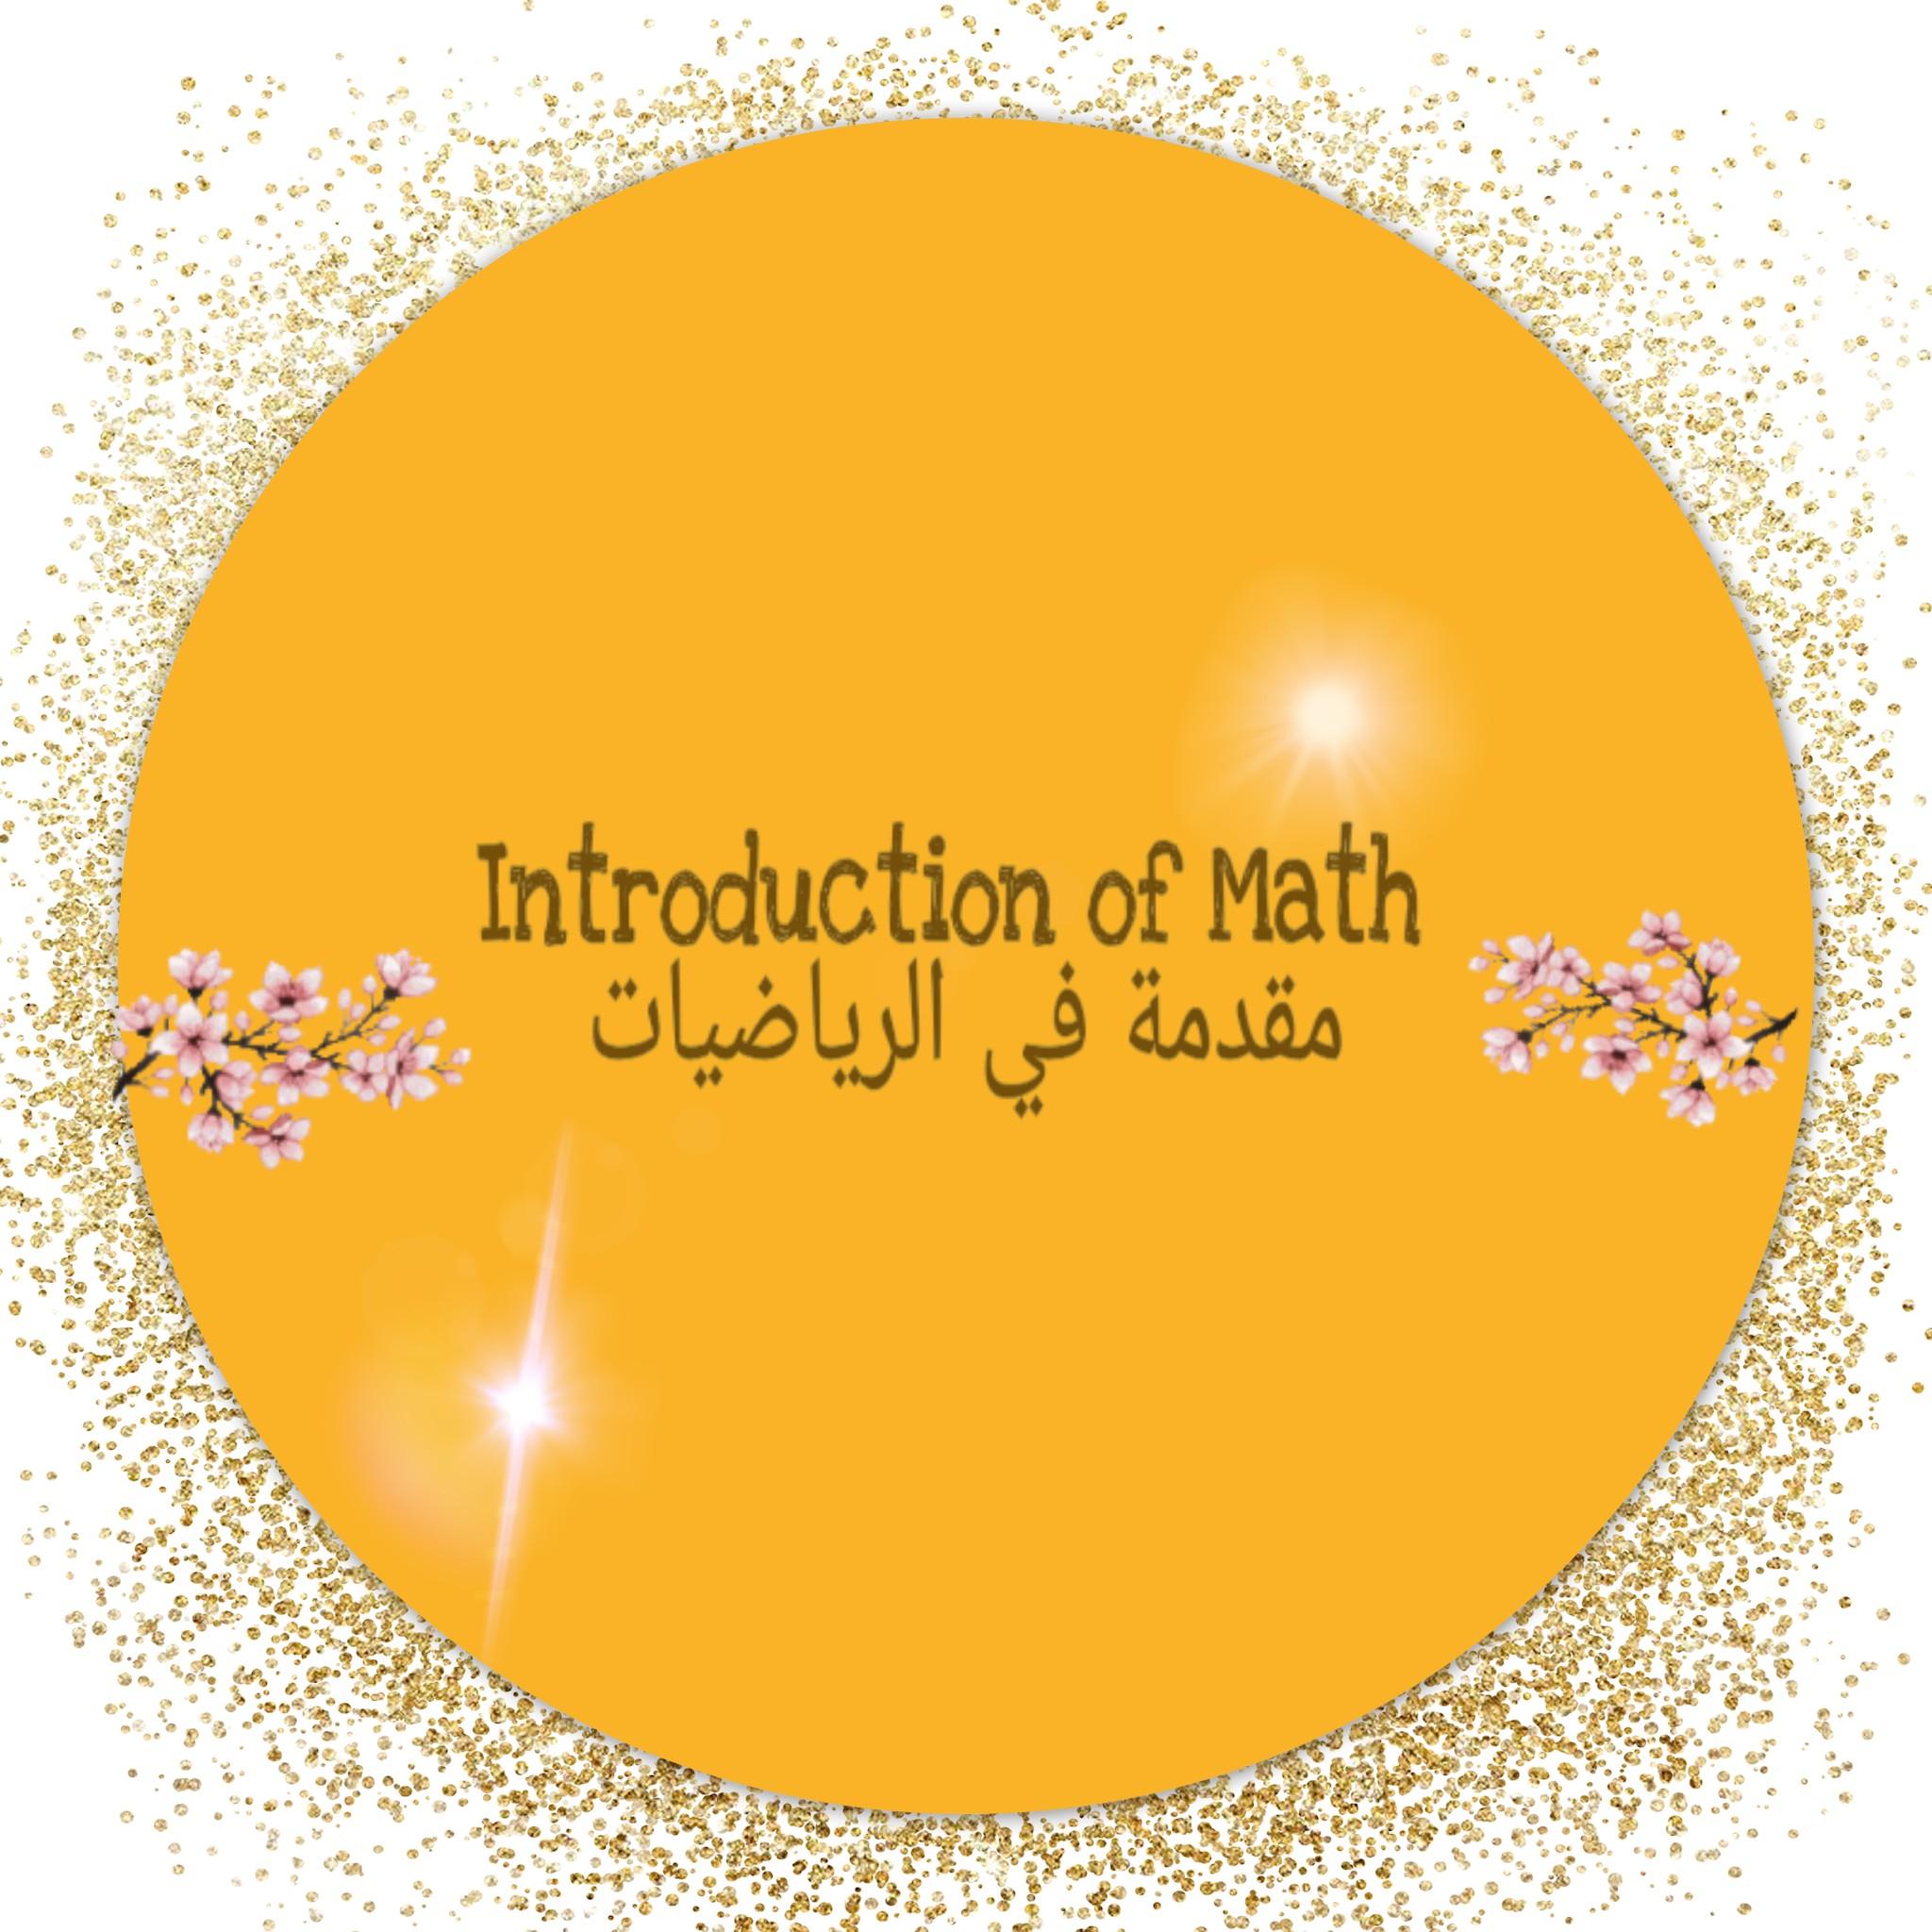 مقرر مقدمة في الرياضيات